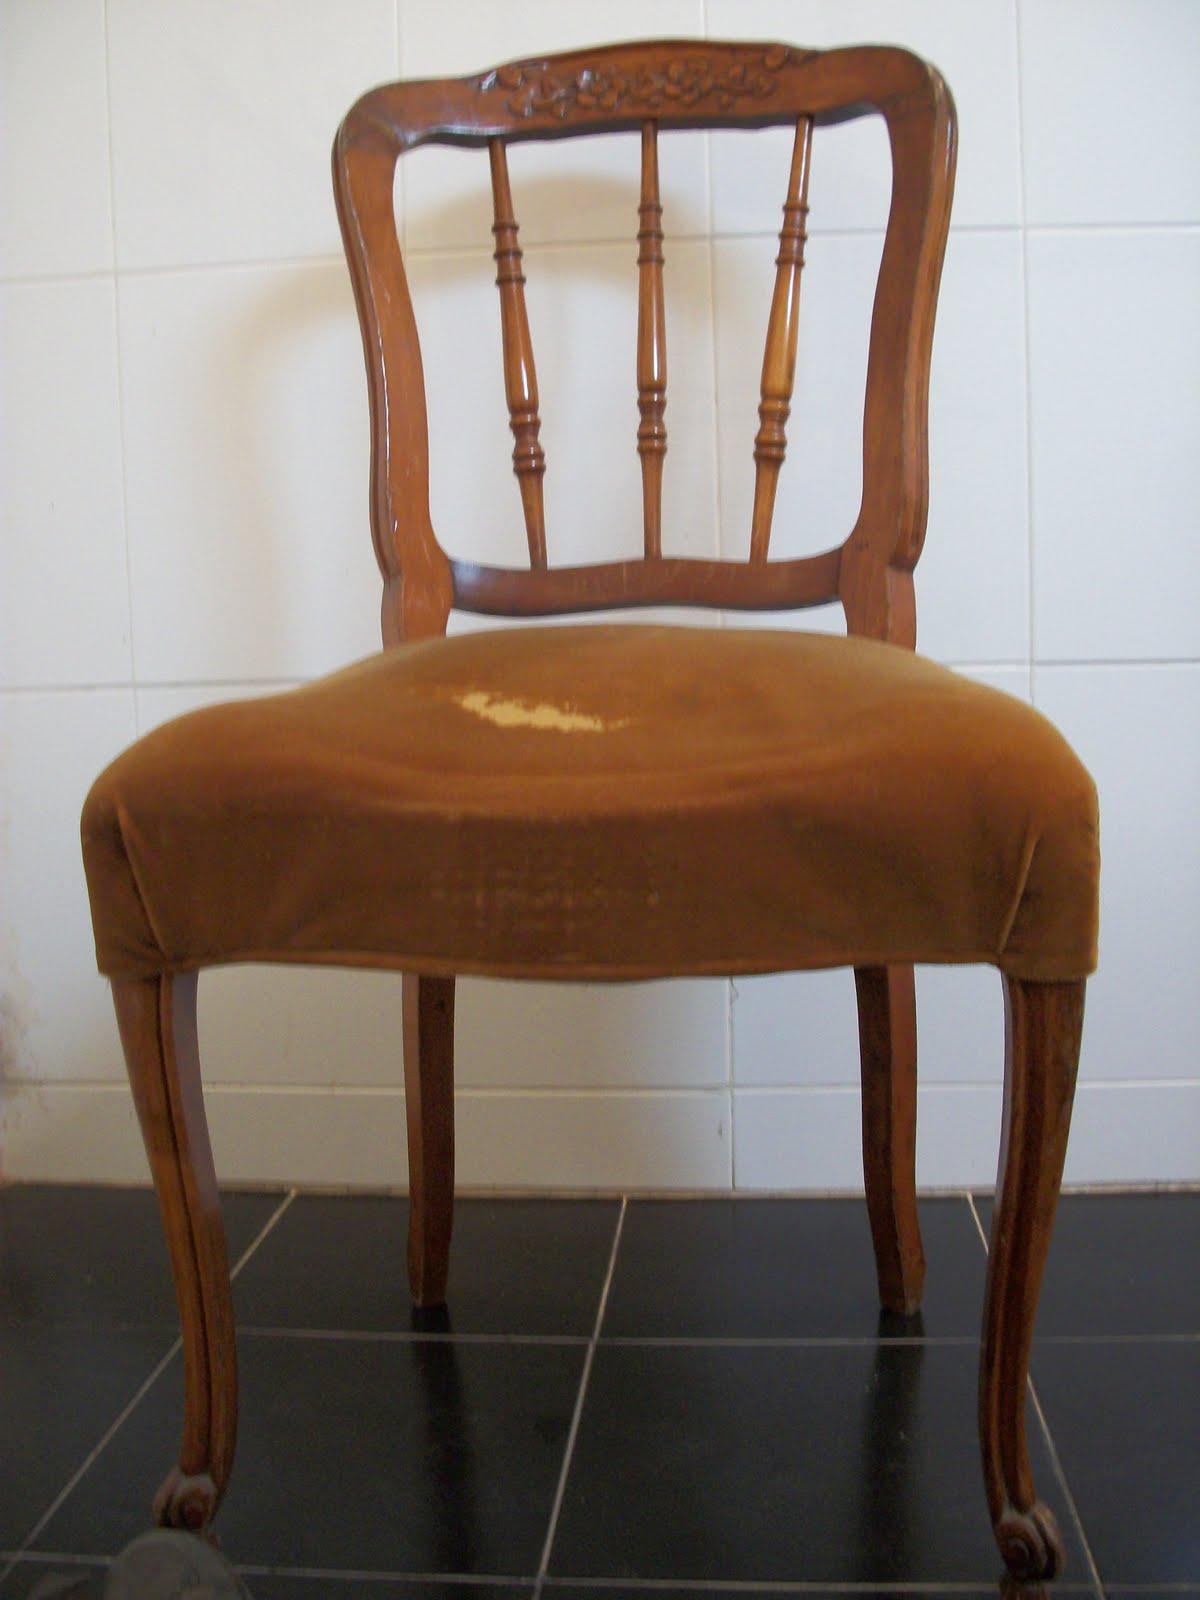 Deco in restauraci n de sillas - Restauracion de sillas ...